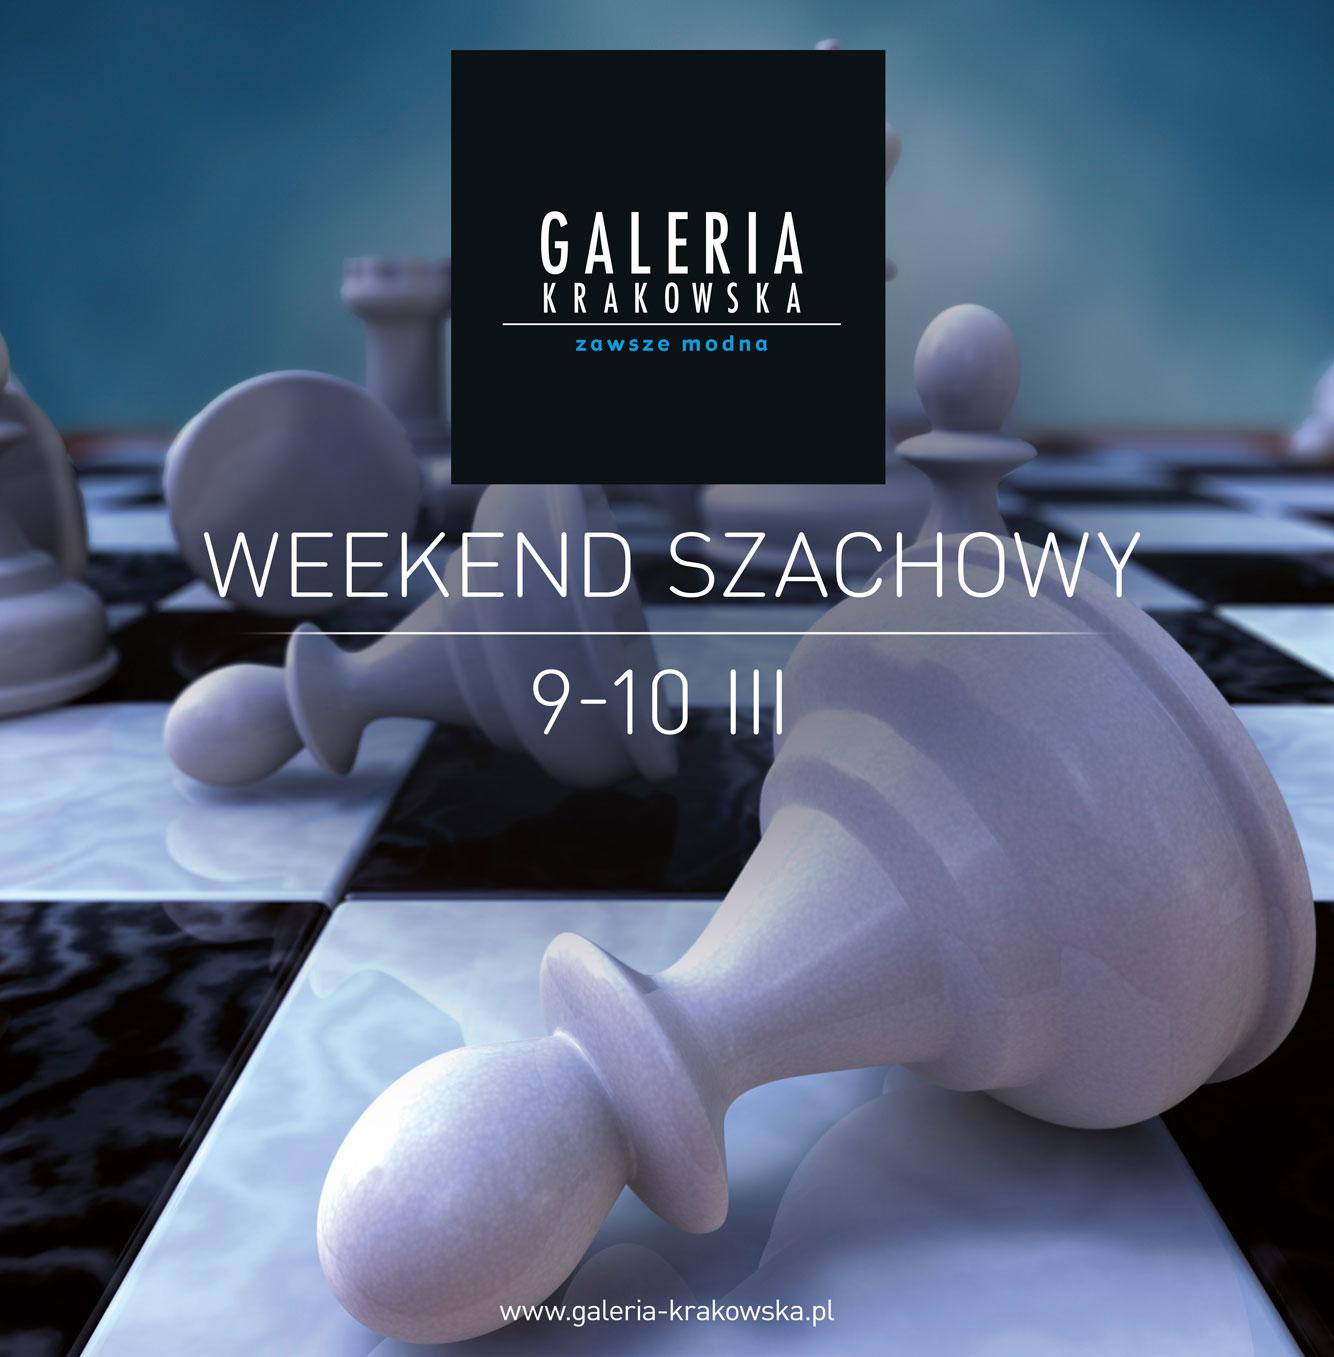 Weekend Szachowy w Galerii Krakowskiej